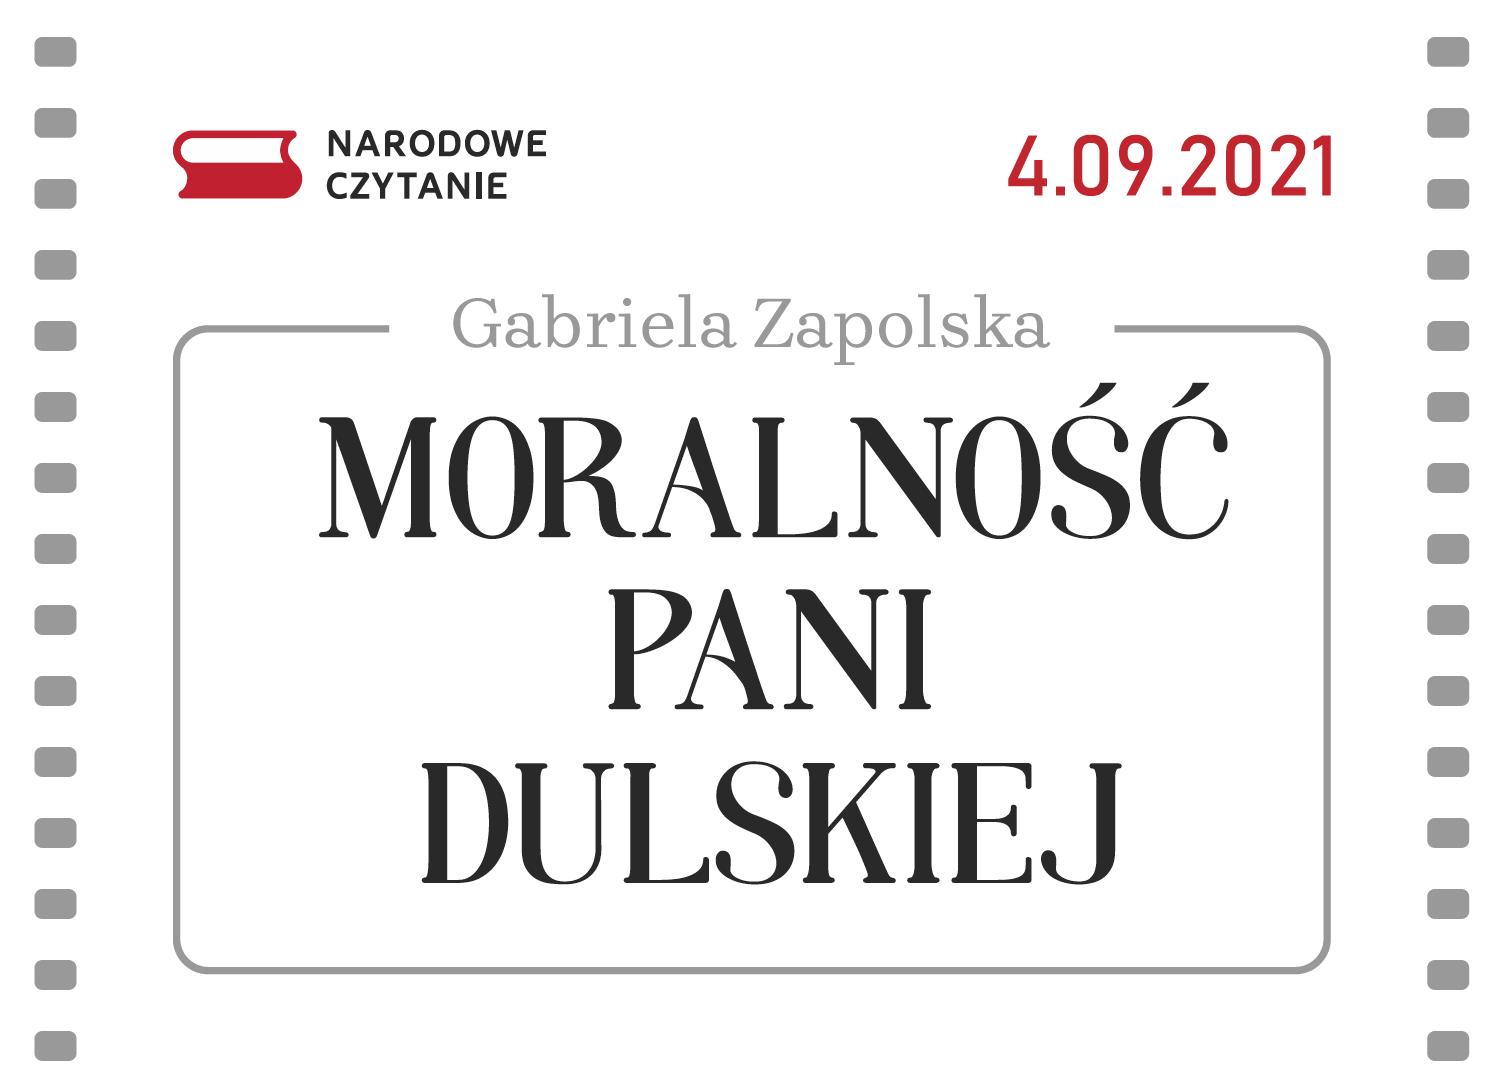 Baner Narodowego Czytania 2021 - 4 września 2021, Moralność Pani Dulskiej - Gabriela Zapolska